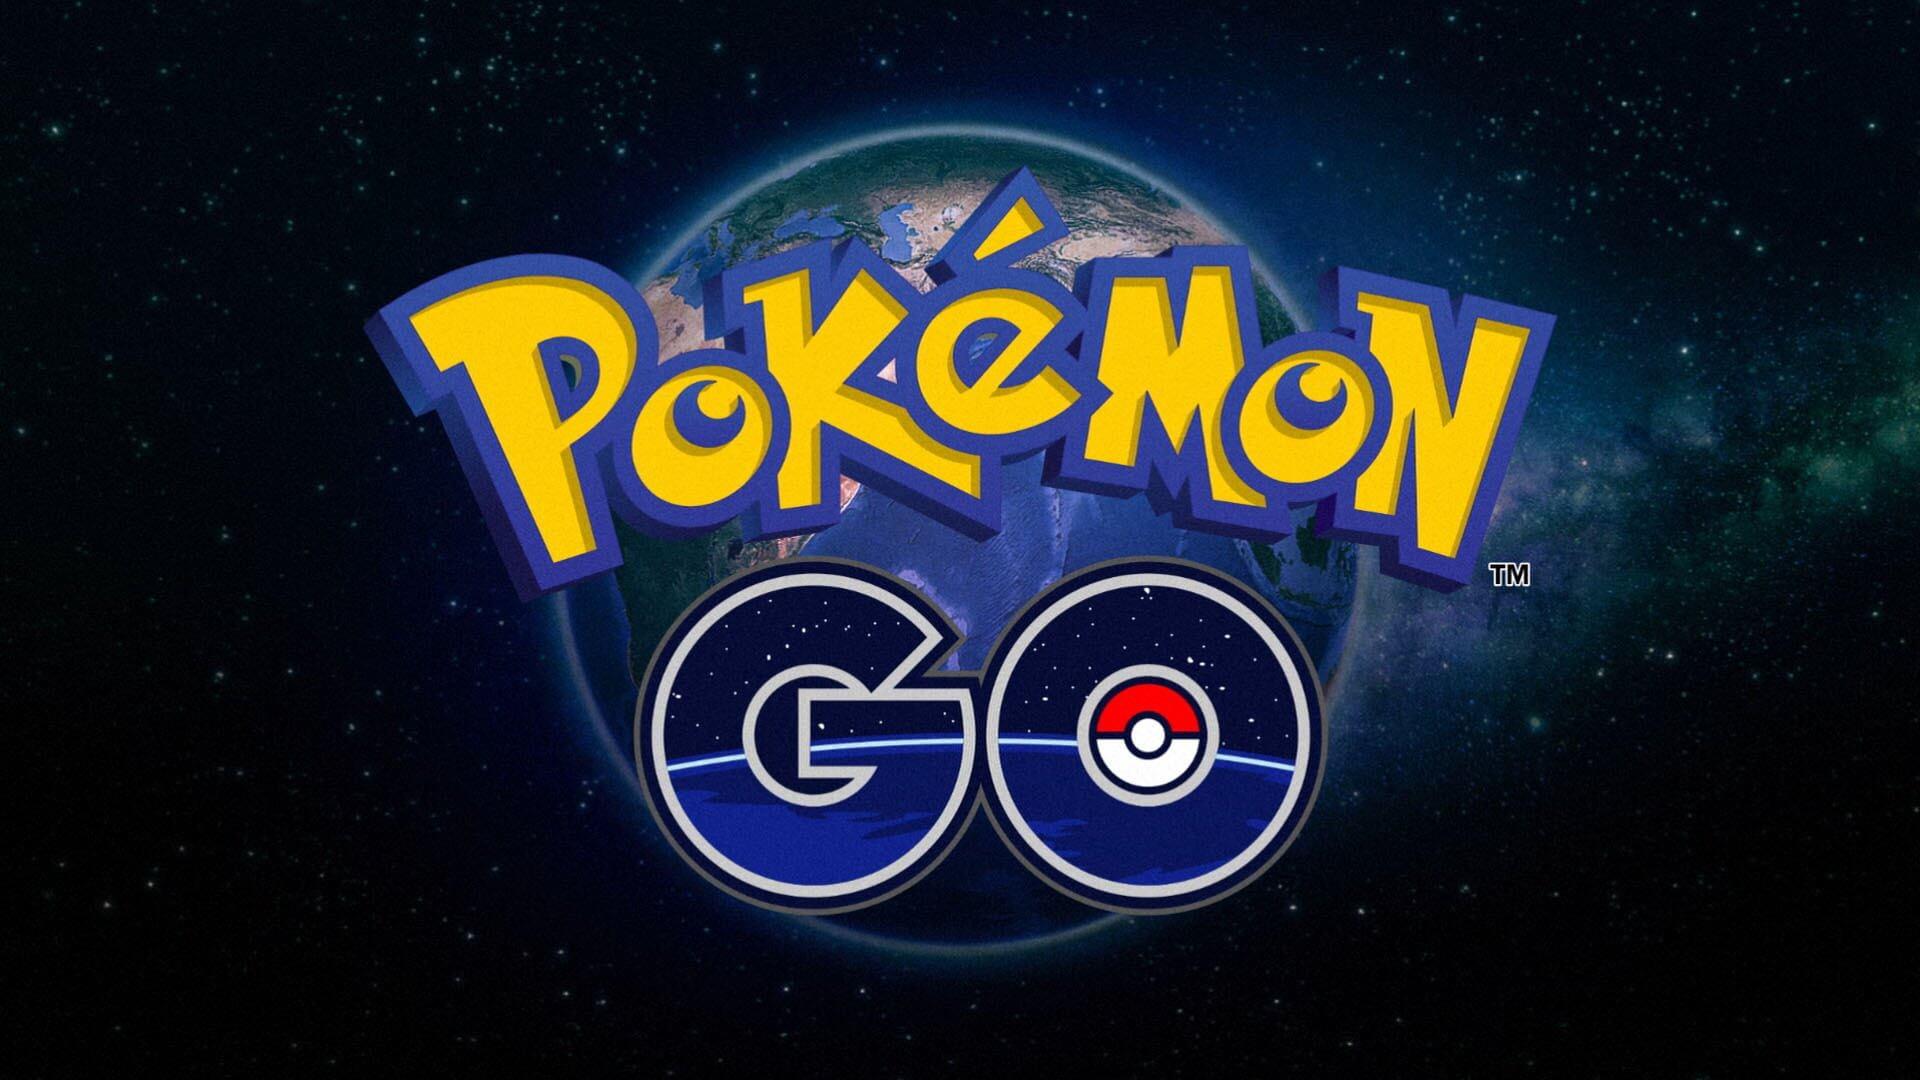 Mein MMO fragt: Nervt Euch der Pokémon Go Hype oder seid Ihr im Fieber?